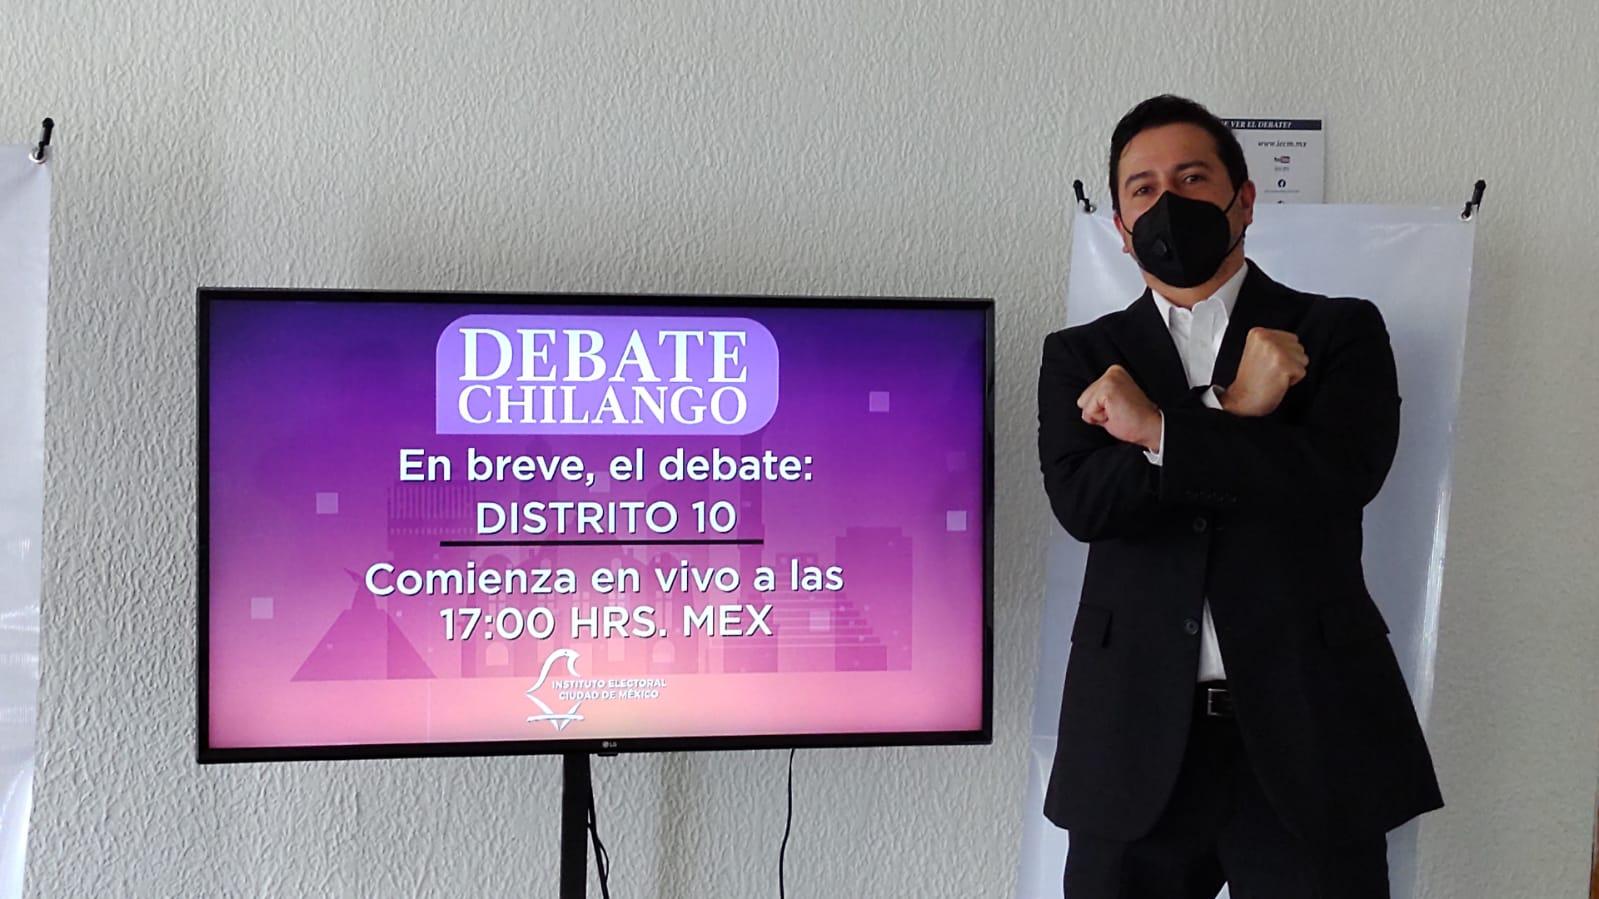 Ricardo Valderrama, aspirante a diputado por RSP asegura haber ganado el debate y llama a contendientes a declinar en su favor